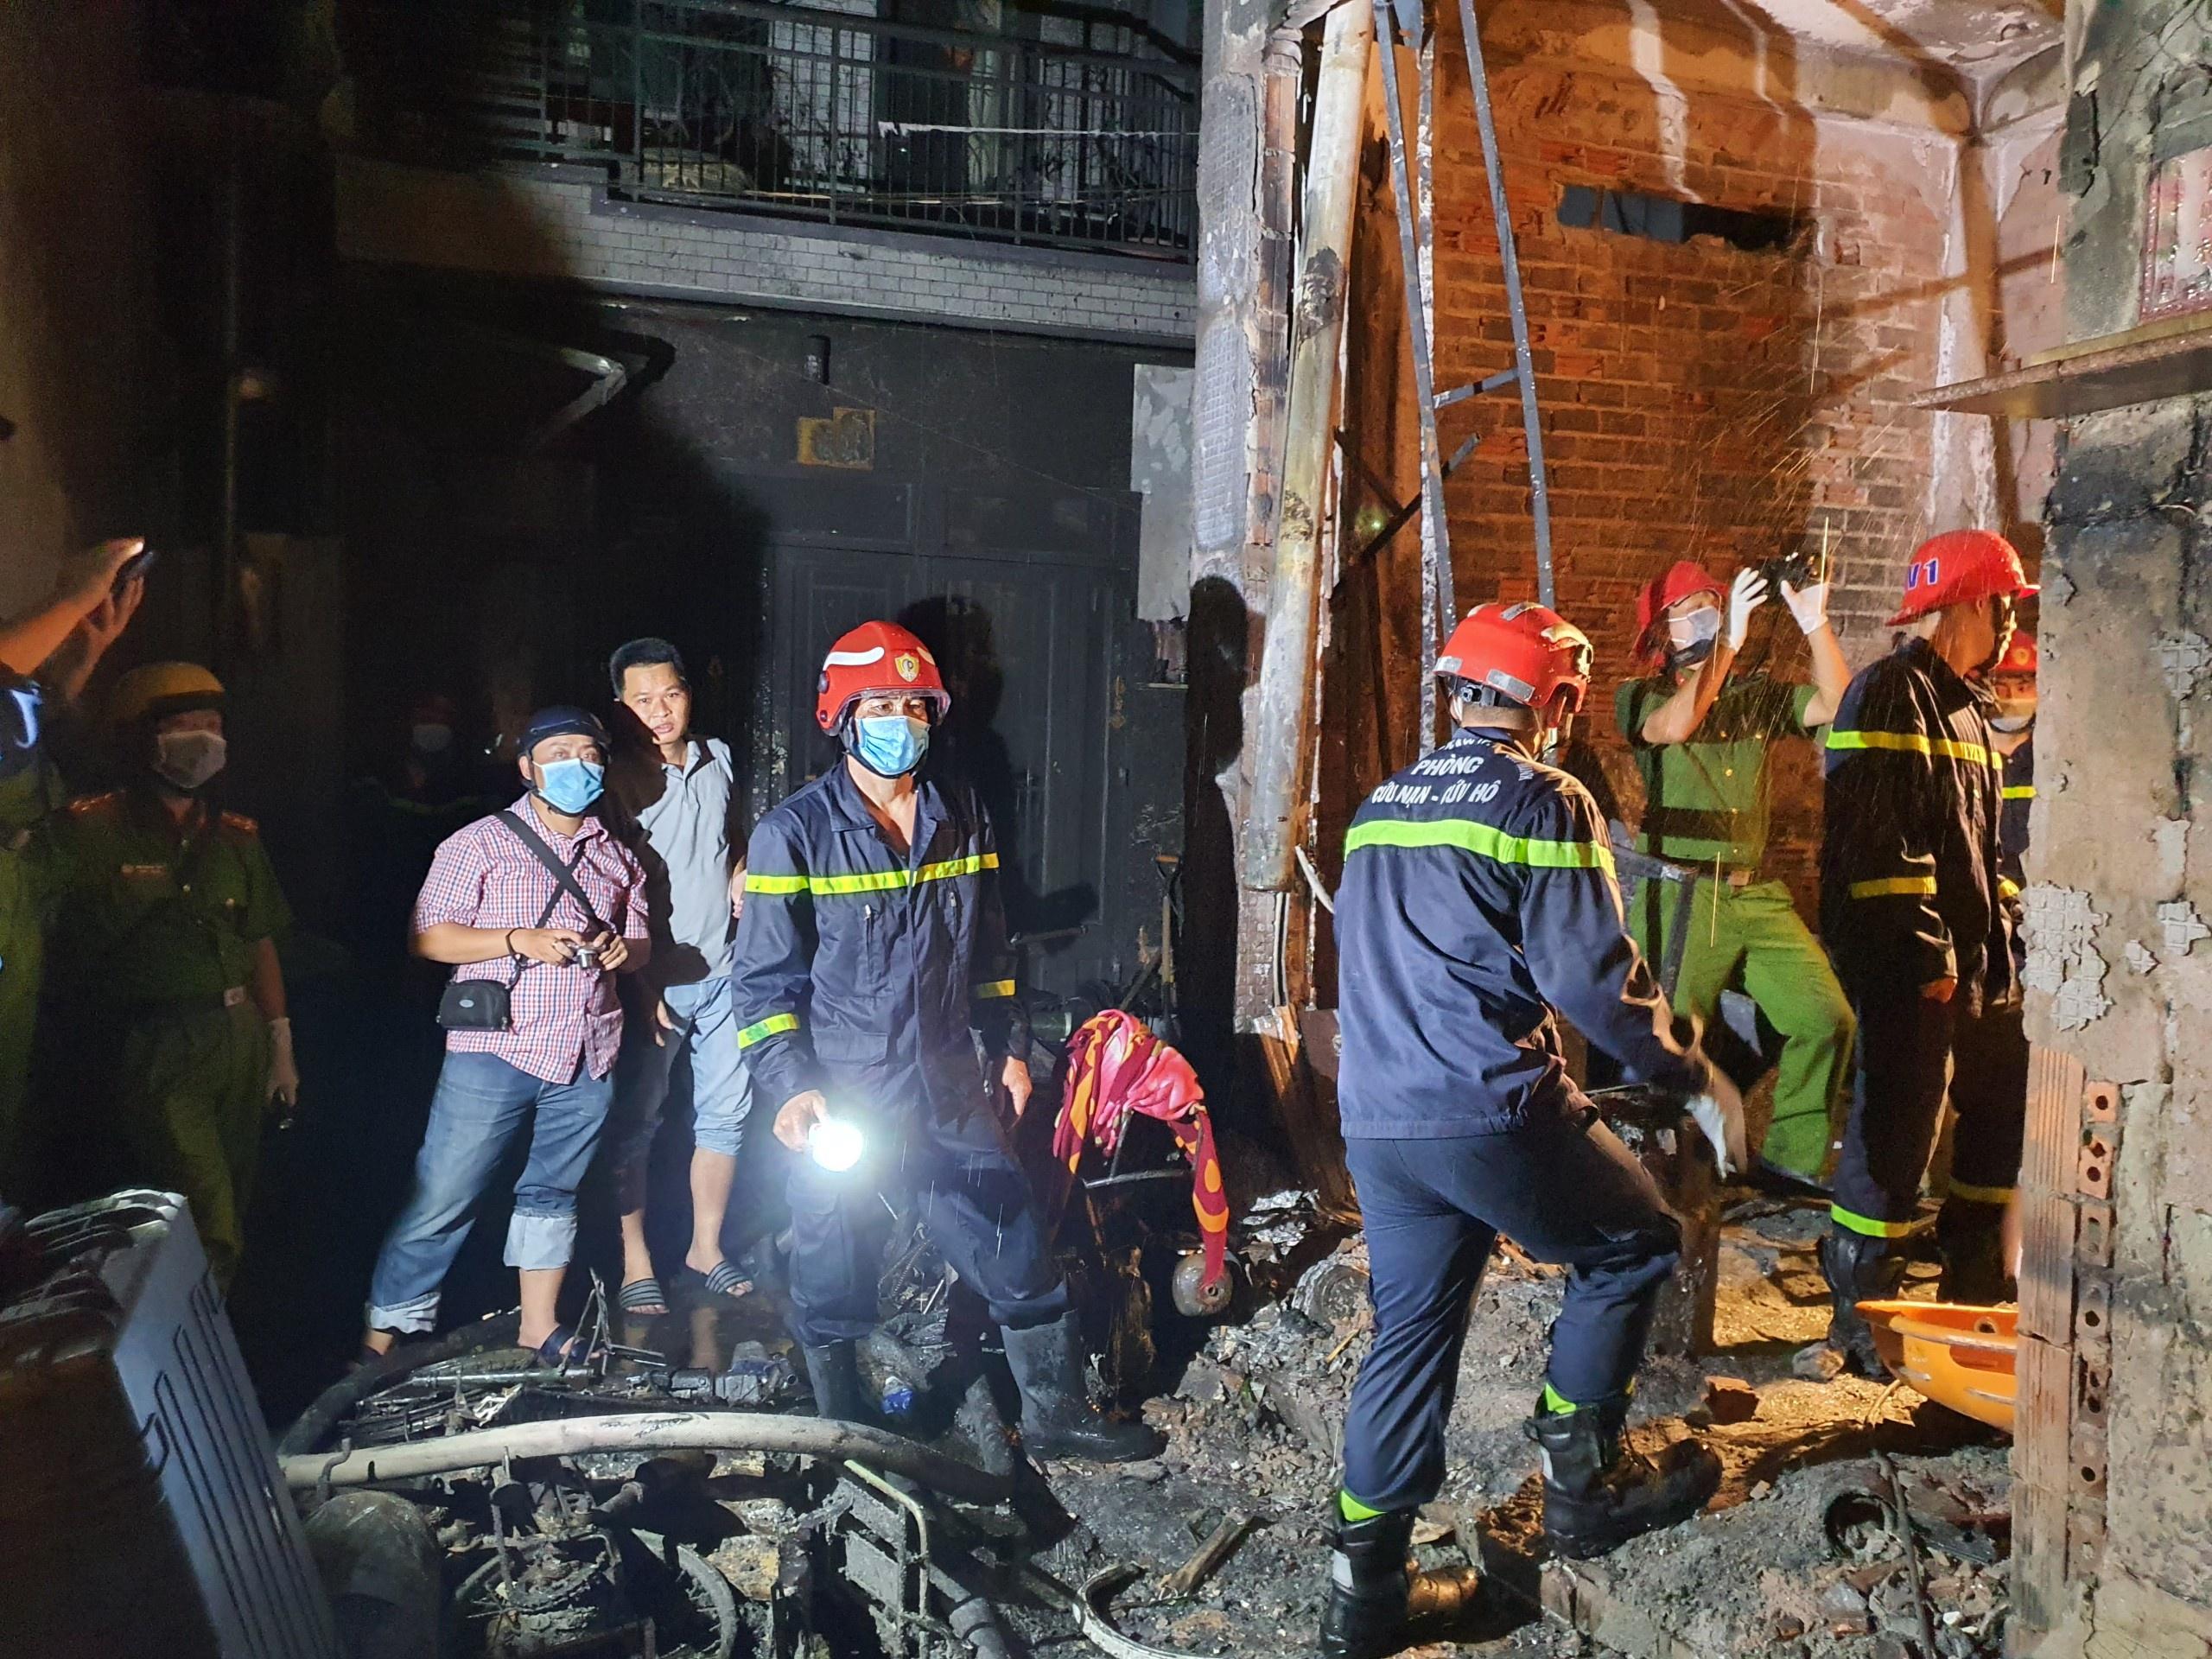 ẢNH-CLIP: Hiện trường bên trong căn nhà cháy làm 8 người chết ở TP.HCM - Ảnh 3.